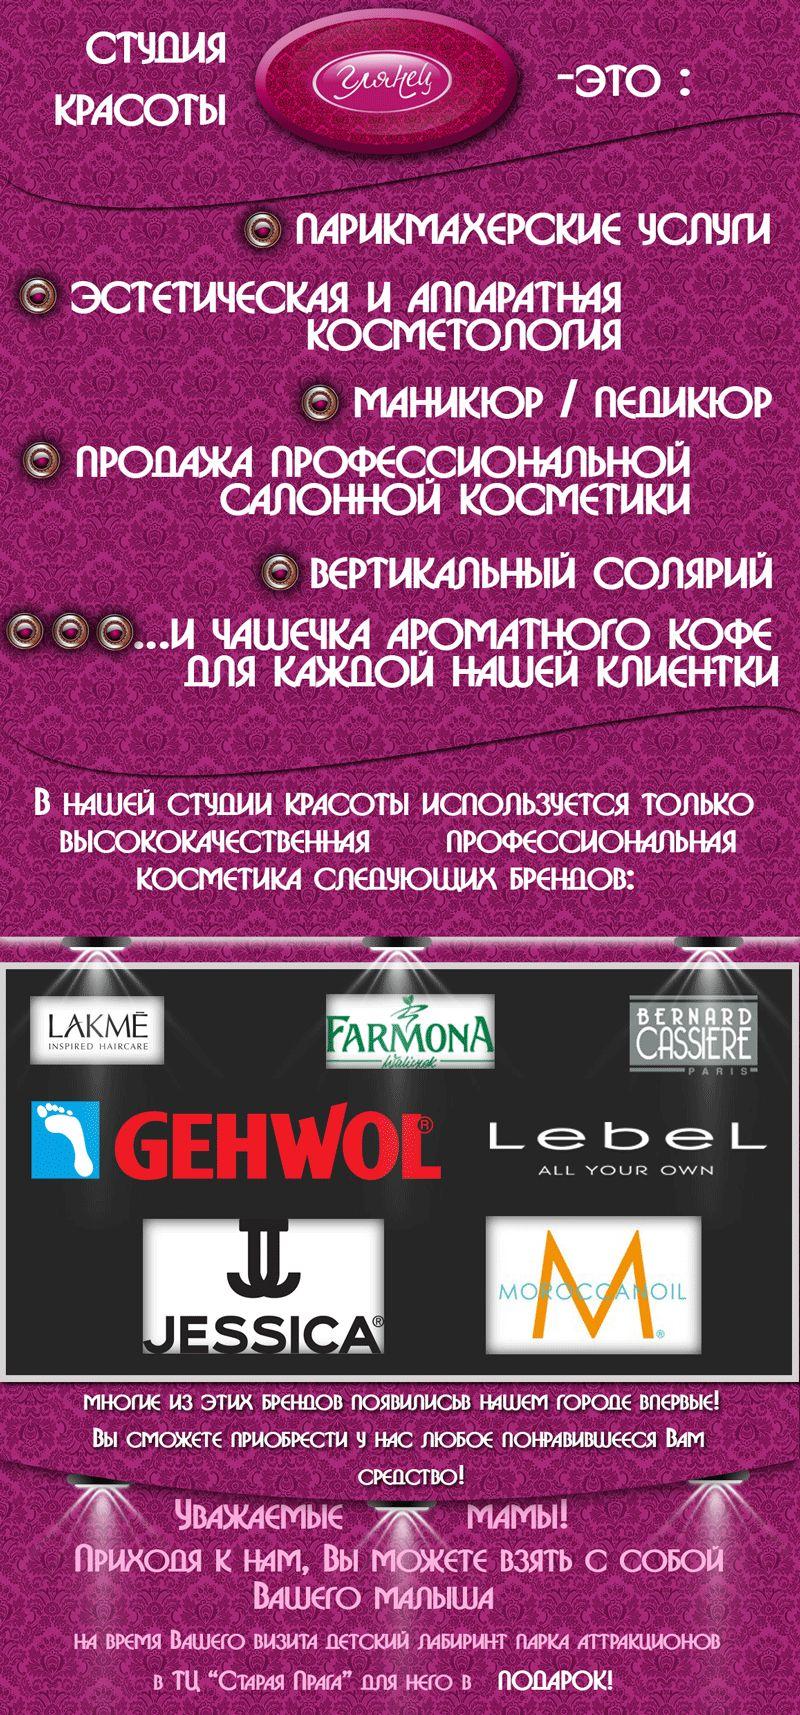 Листовка для студии красоты ГЛЯНЕЦ - дизайнер Advokat72